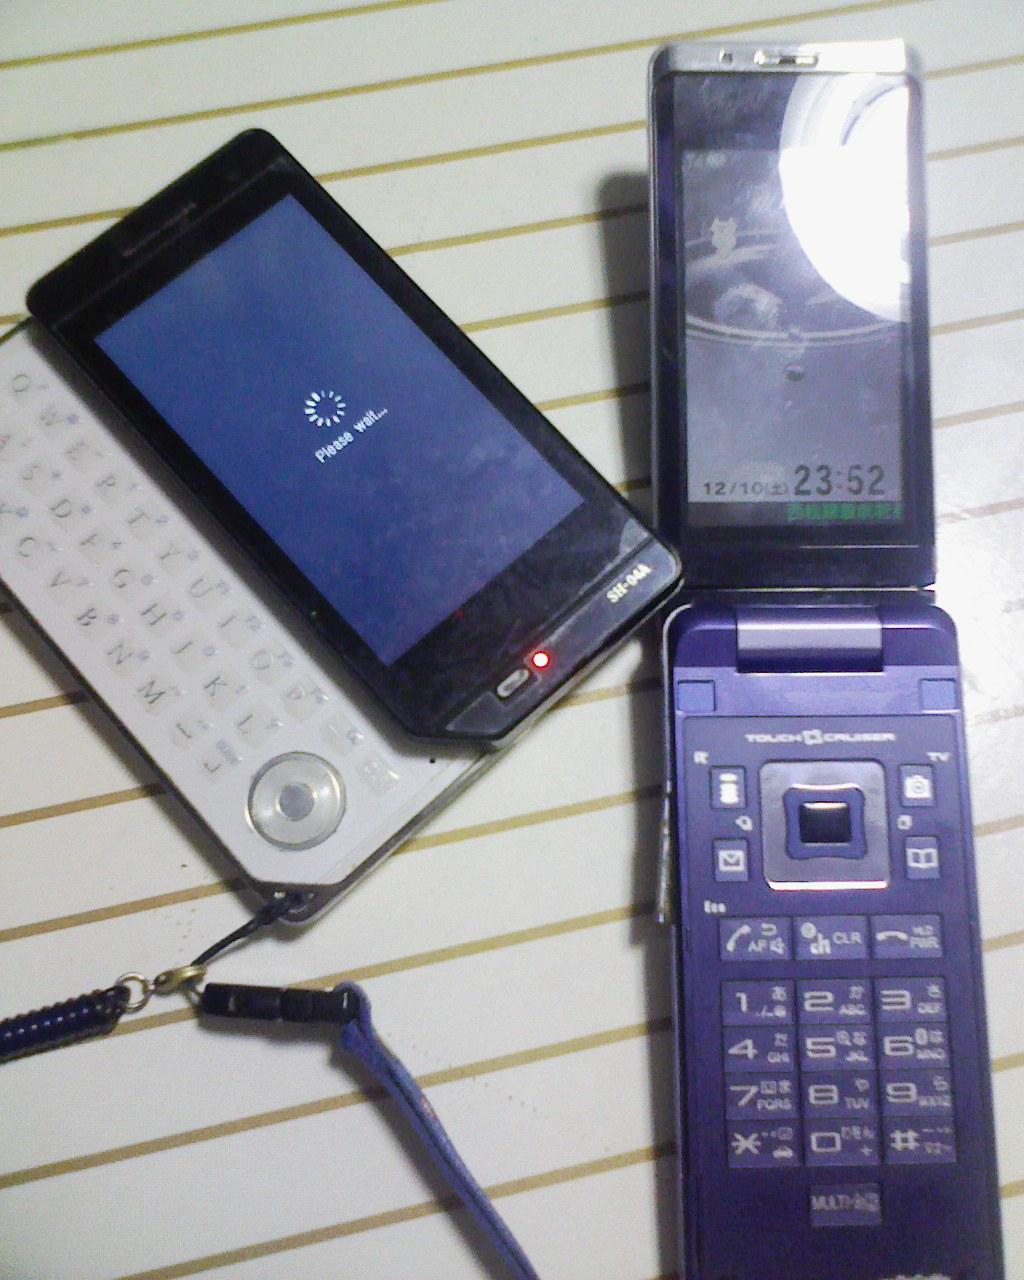 携帯電話がお亡くなりになりました